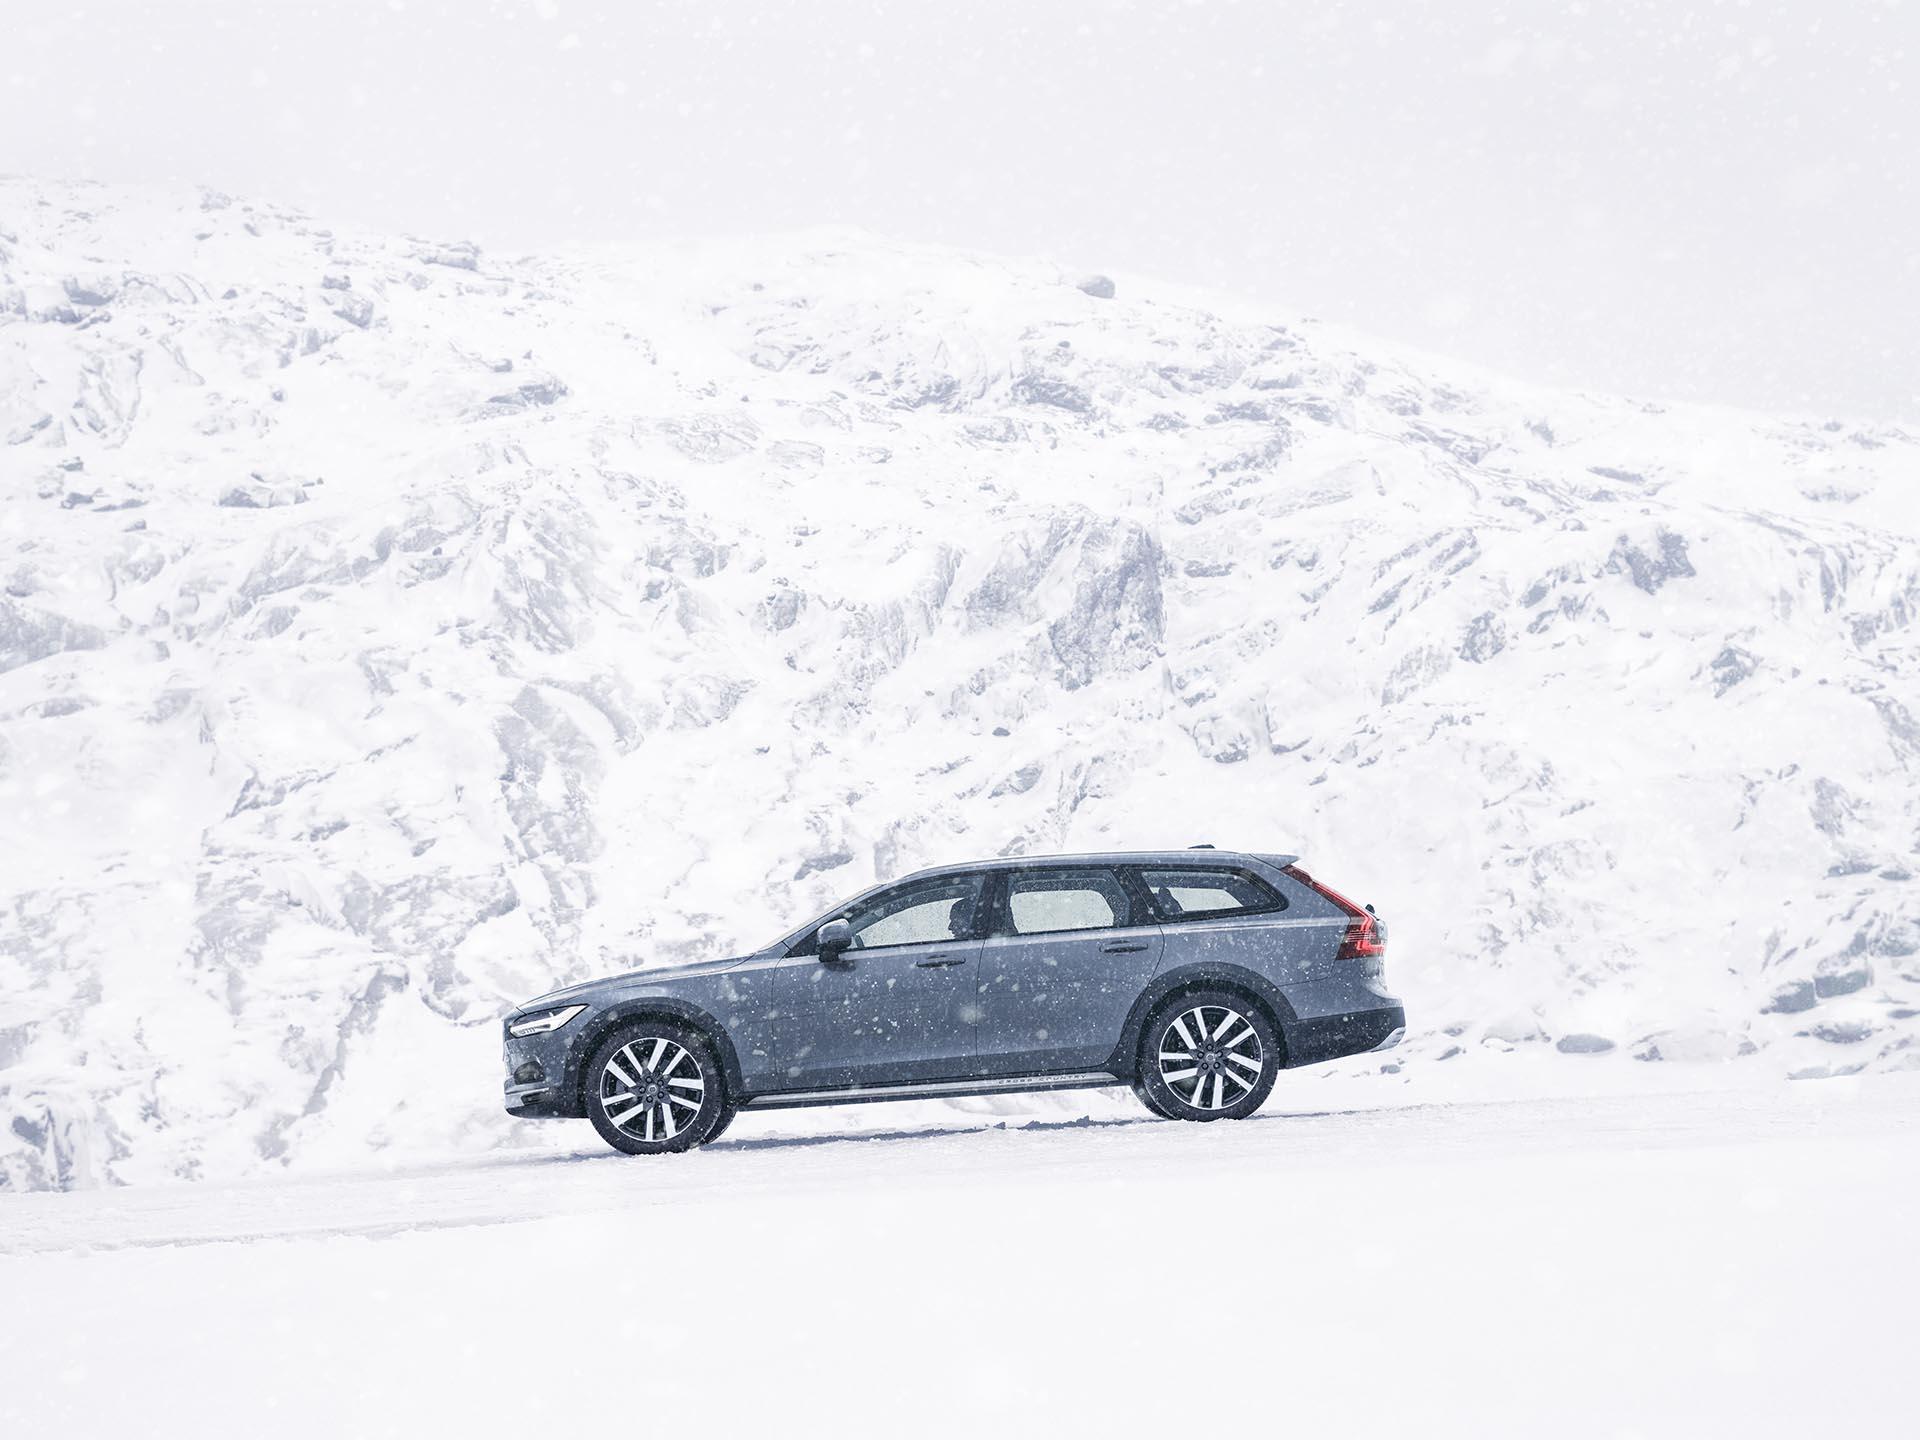 Volvo V90 Cross Country sivoplave boje vozi po snježnim planinama